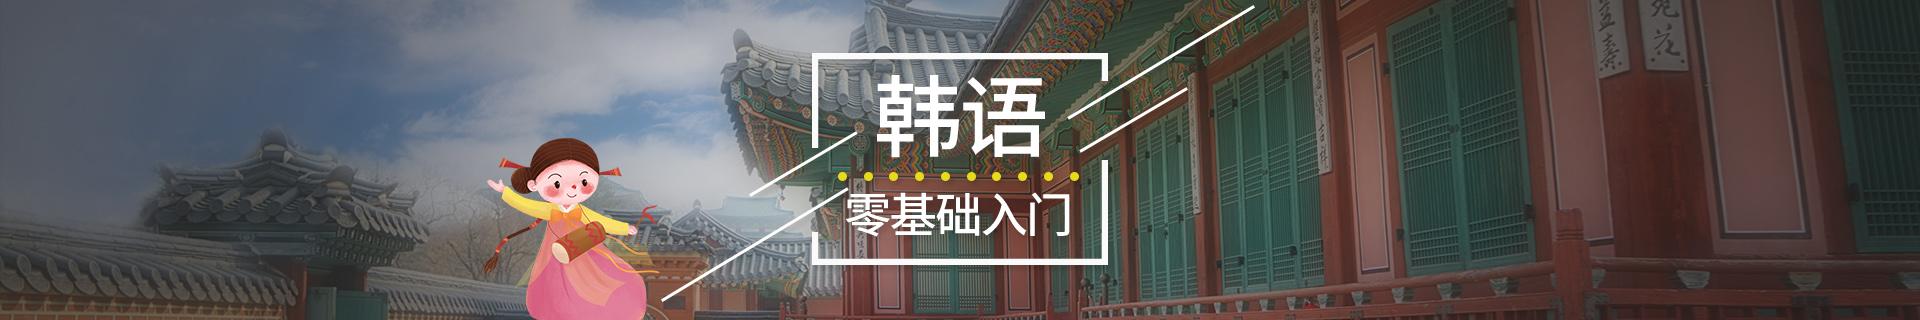 杭州下城区欧风小语种